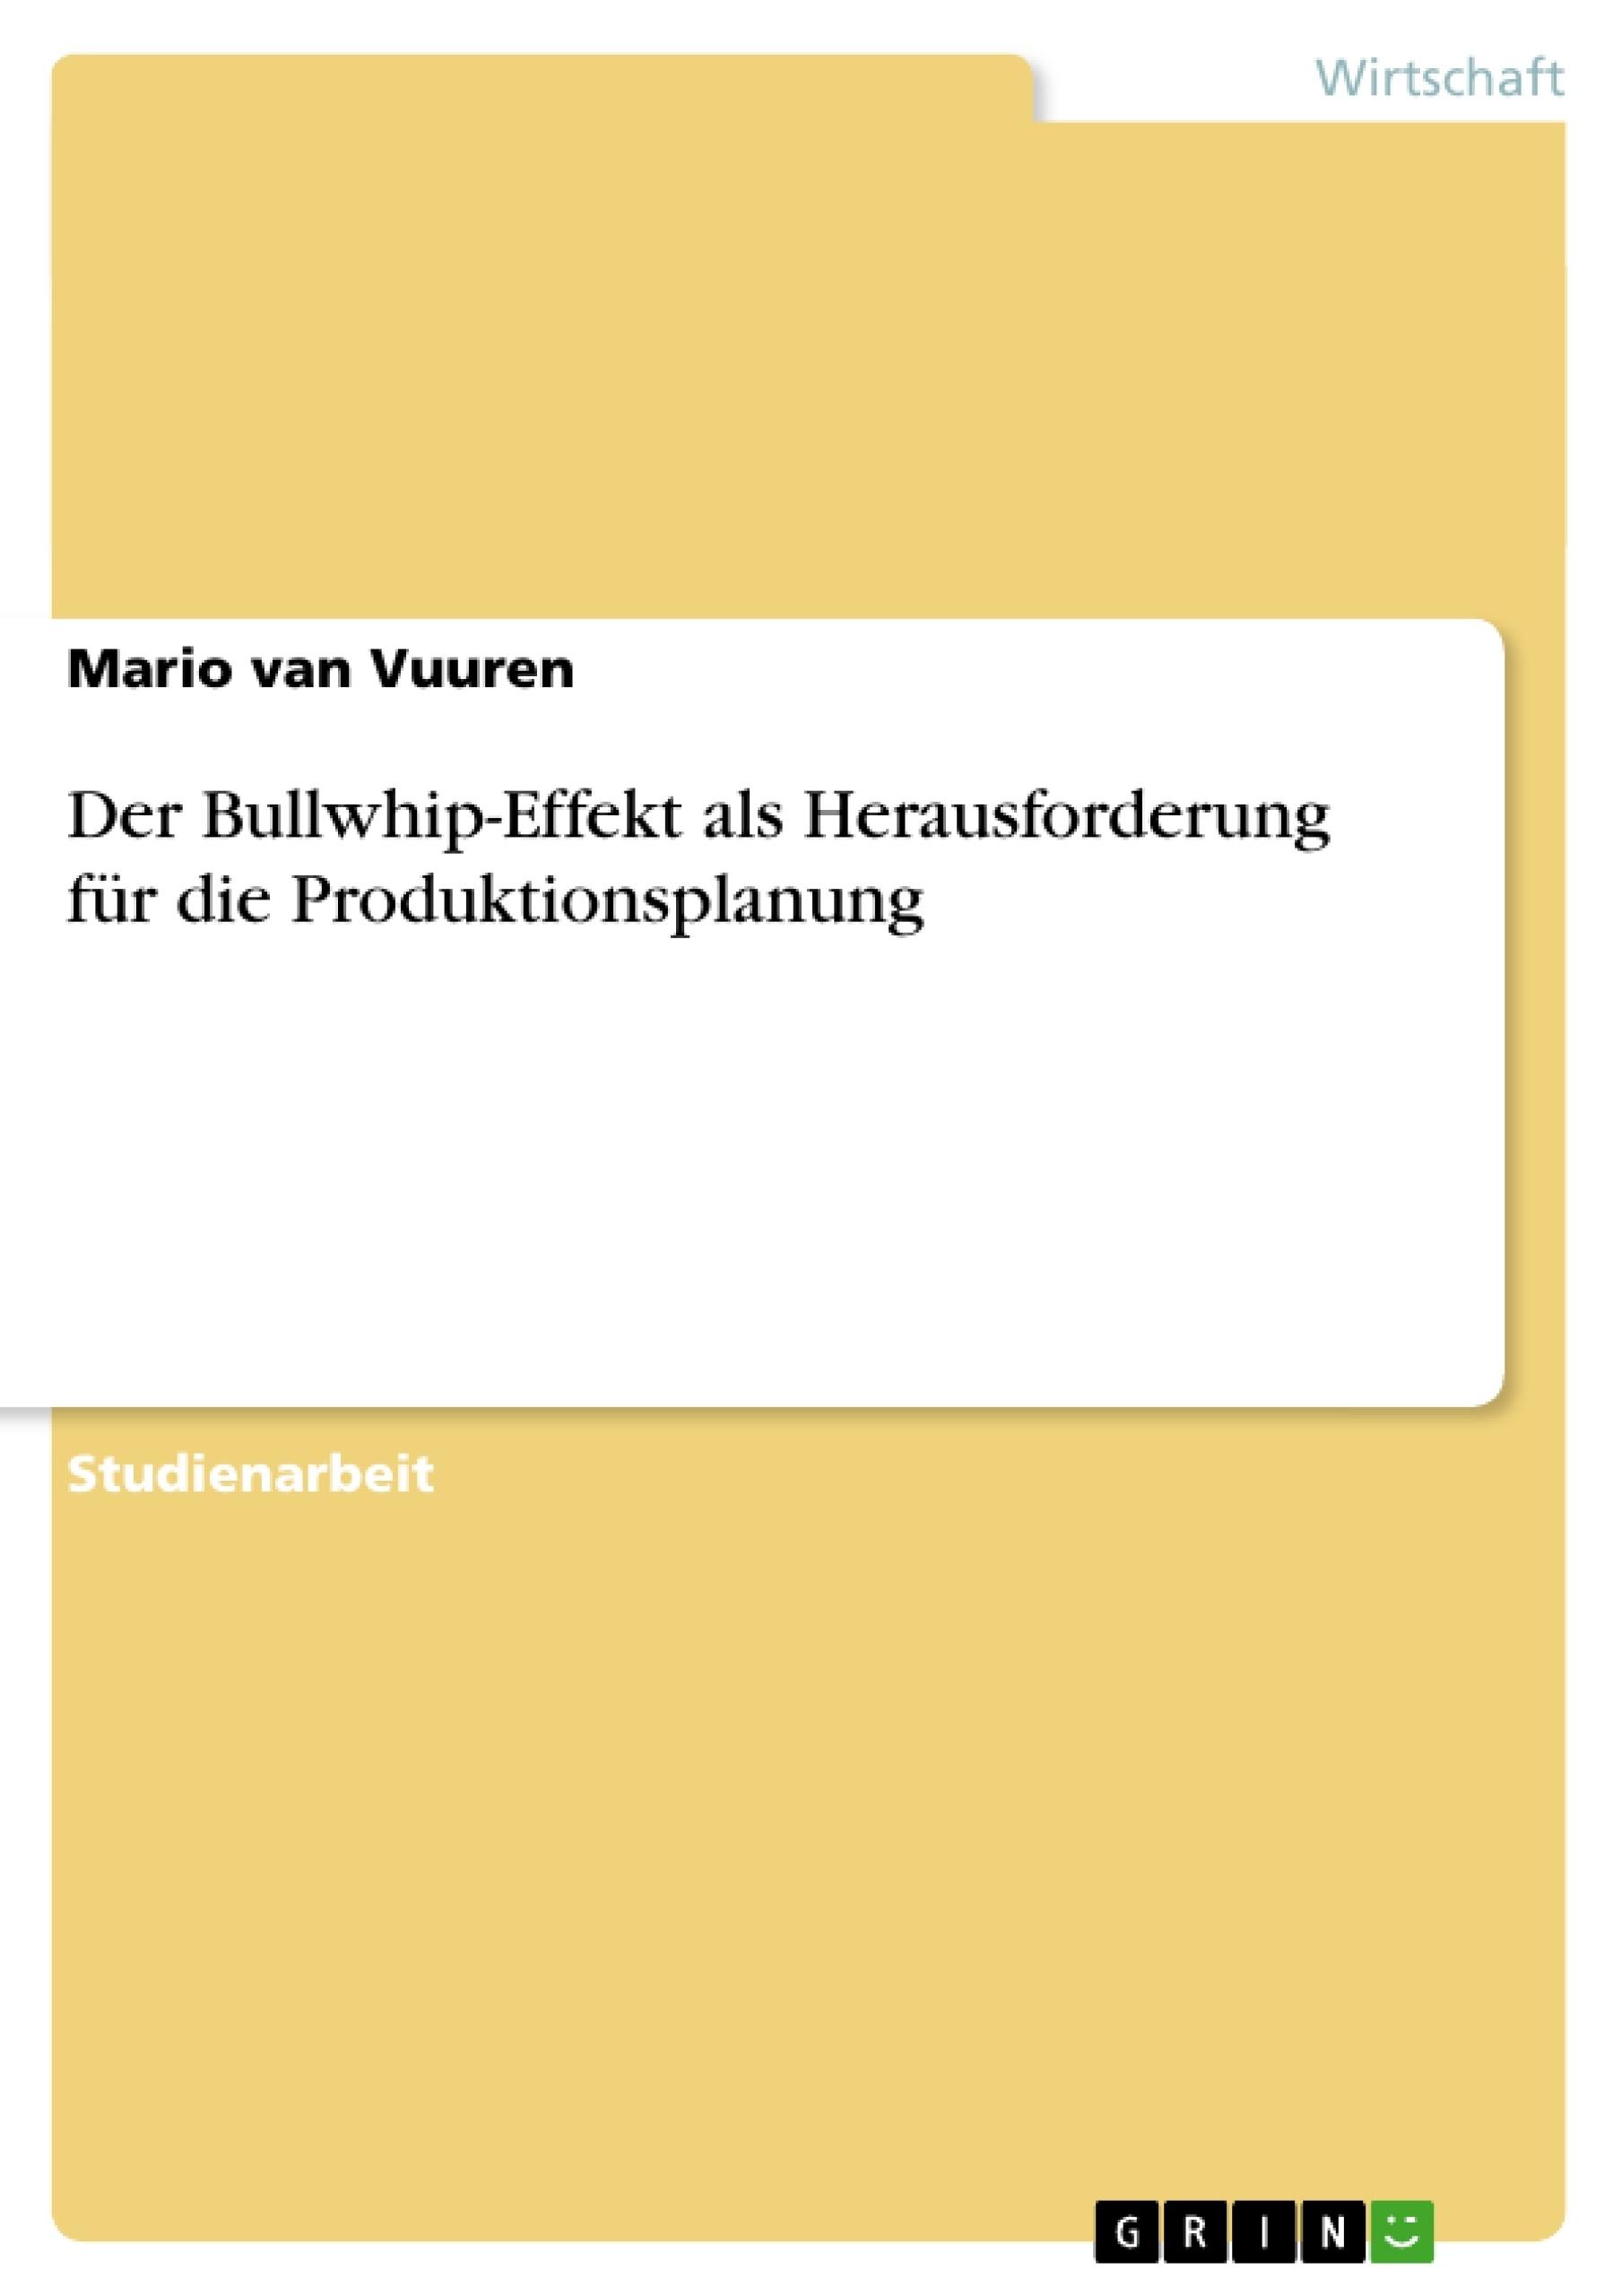 Titel: Der Bullwhip-Effekt als Herausforderung für die Produktionsplanung